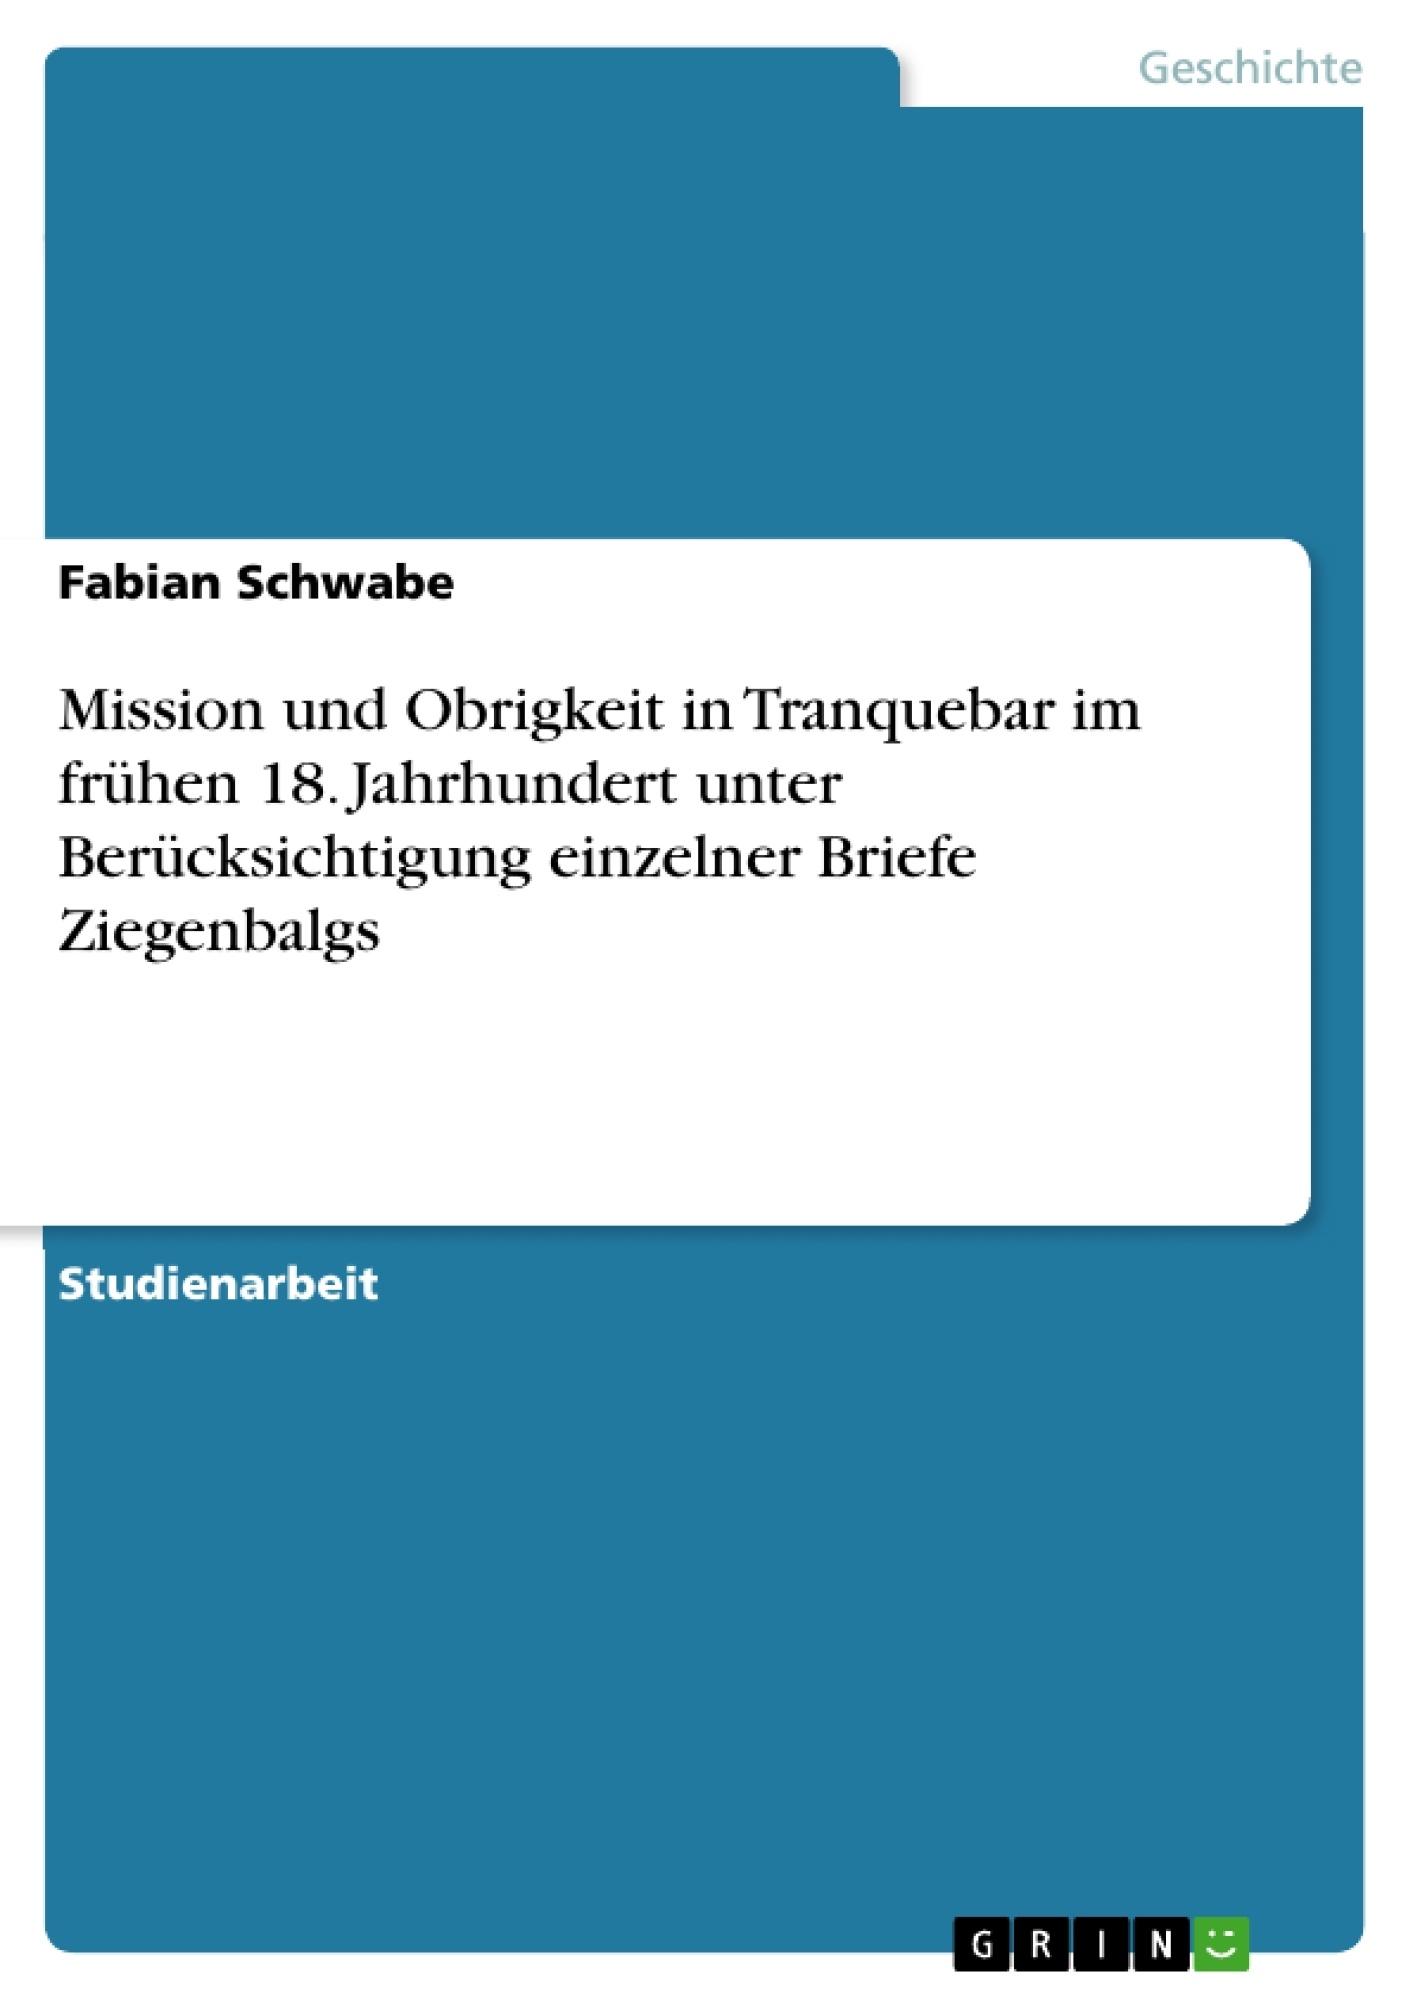 Titel: Mission und Obrigkeit in Tranquebar im frühen 18. Jahrhundert unter Berücksichtigung einzelner Briefe Ziegenbalgs